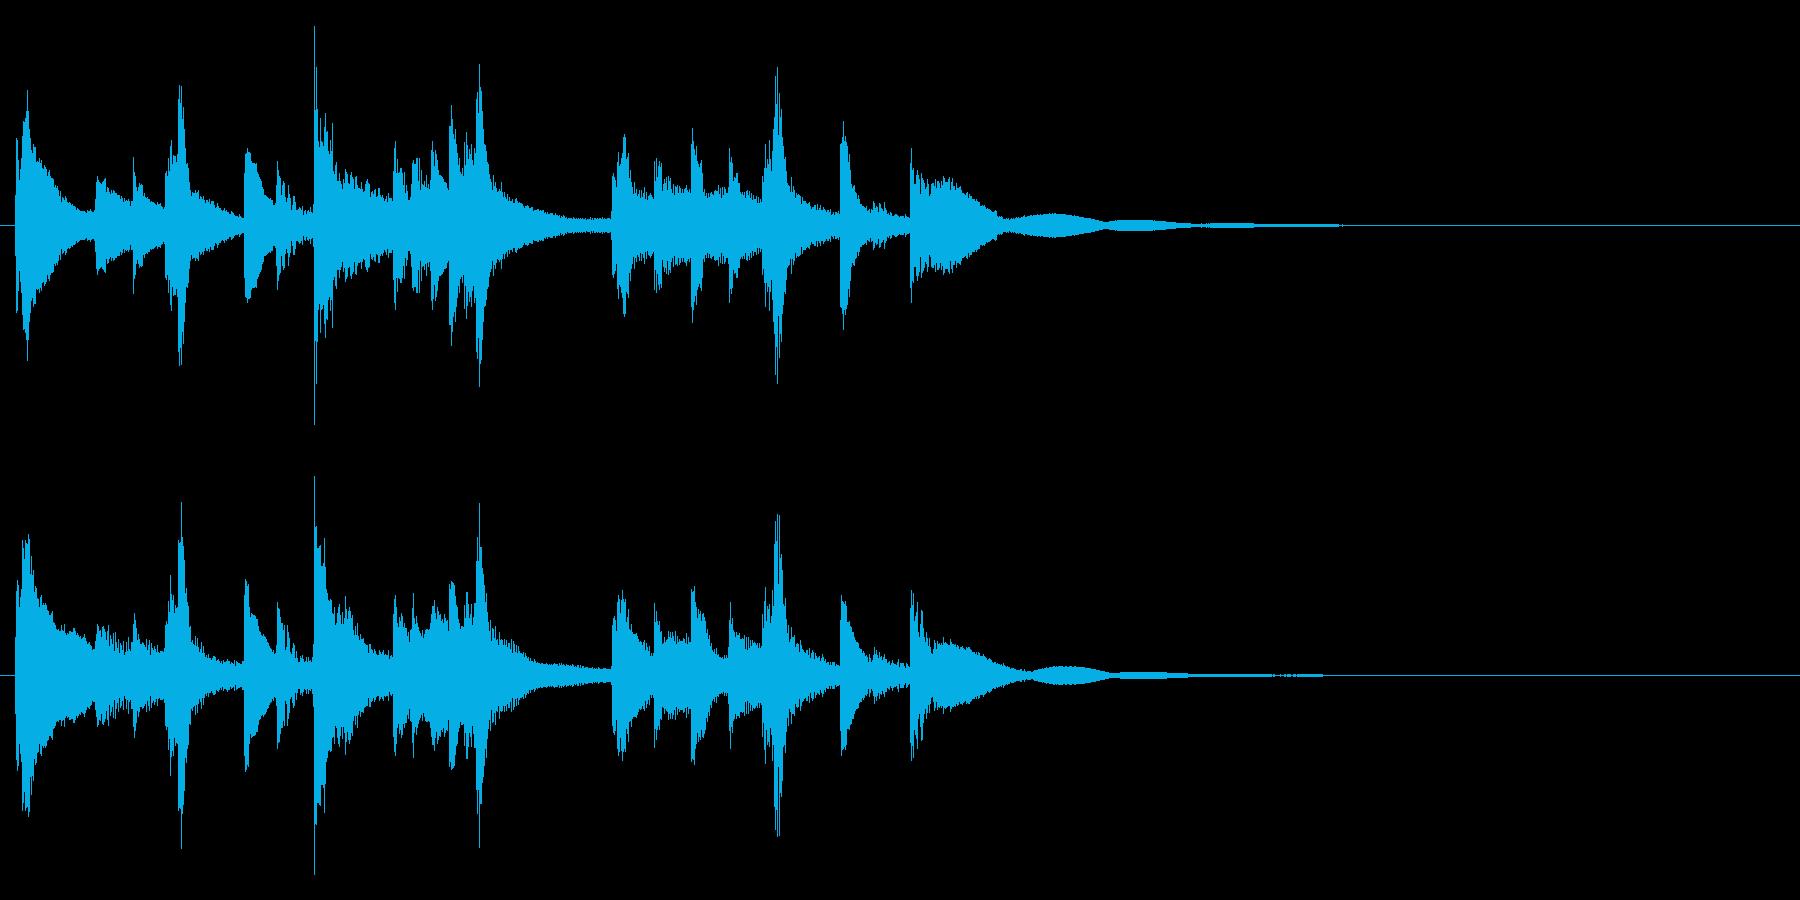 和風☆アイキャッチ3の再生済みの波形